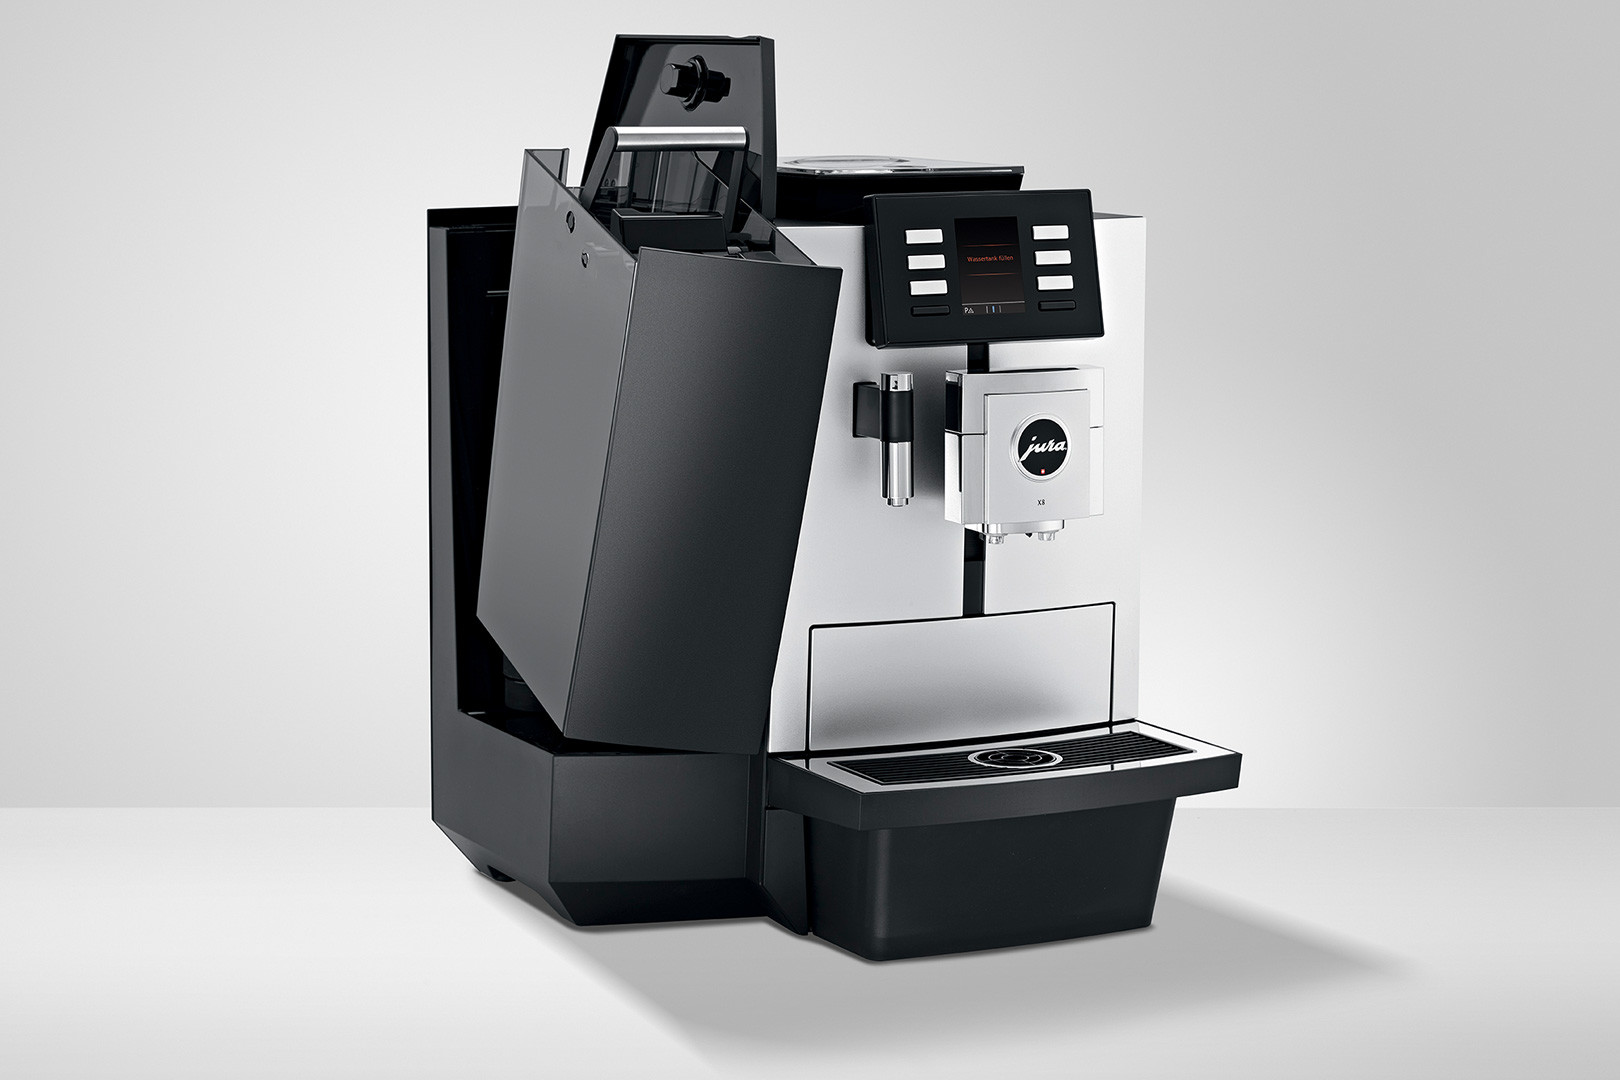 Koffiemachine met een grote watertank